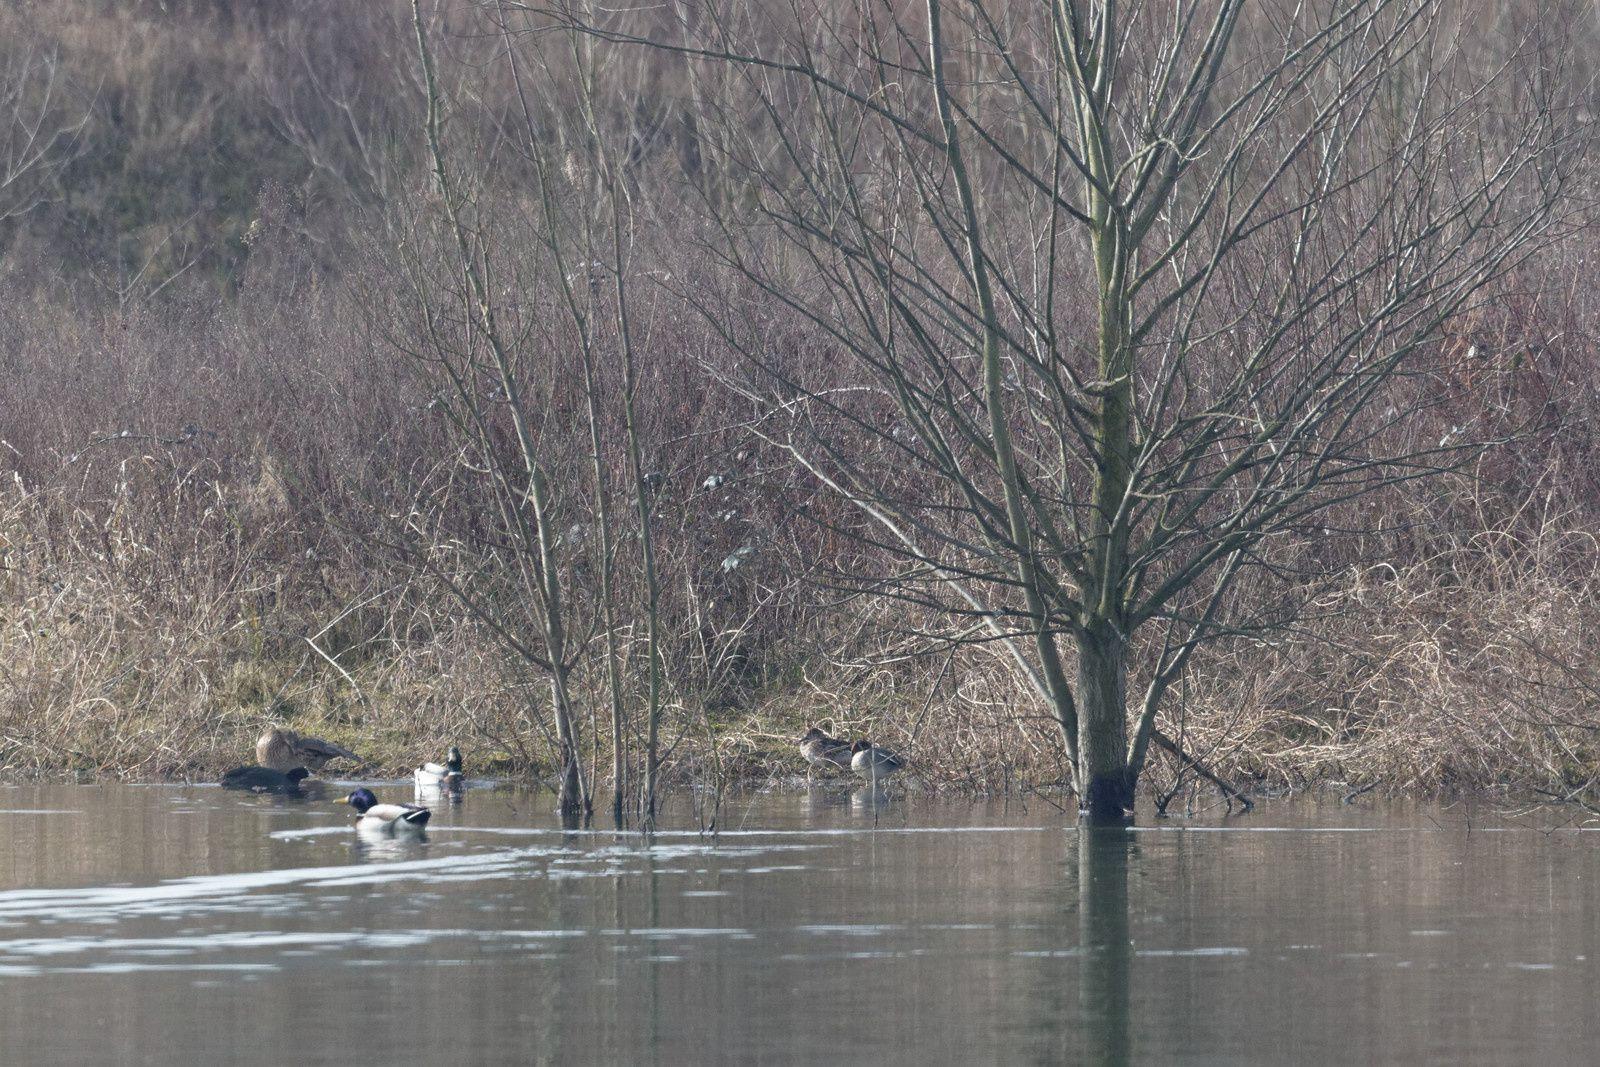 167 - 2 espèces de Pouillot à Neuilly : 07/03/2015